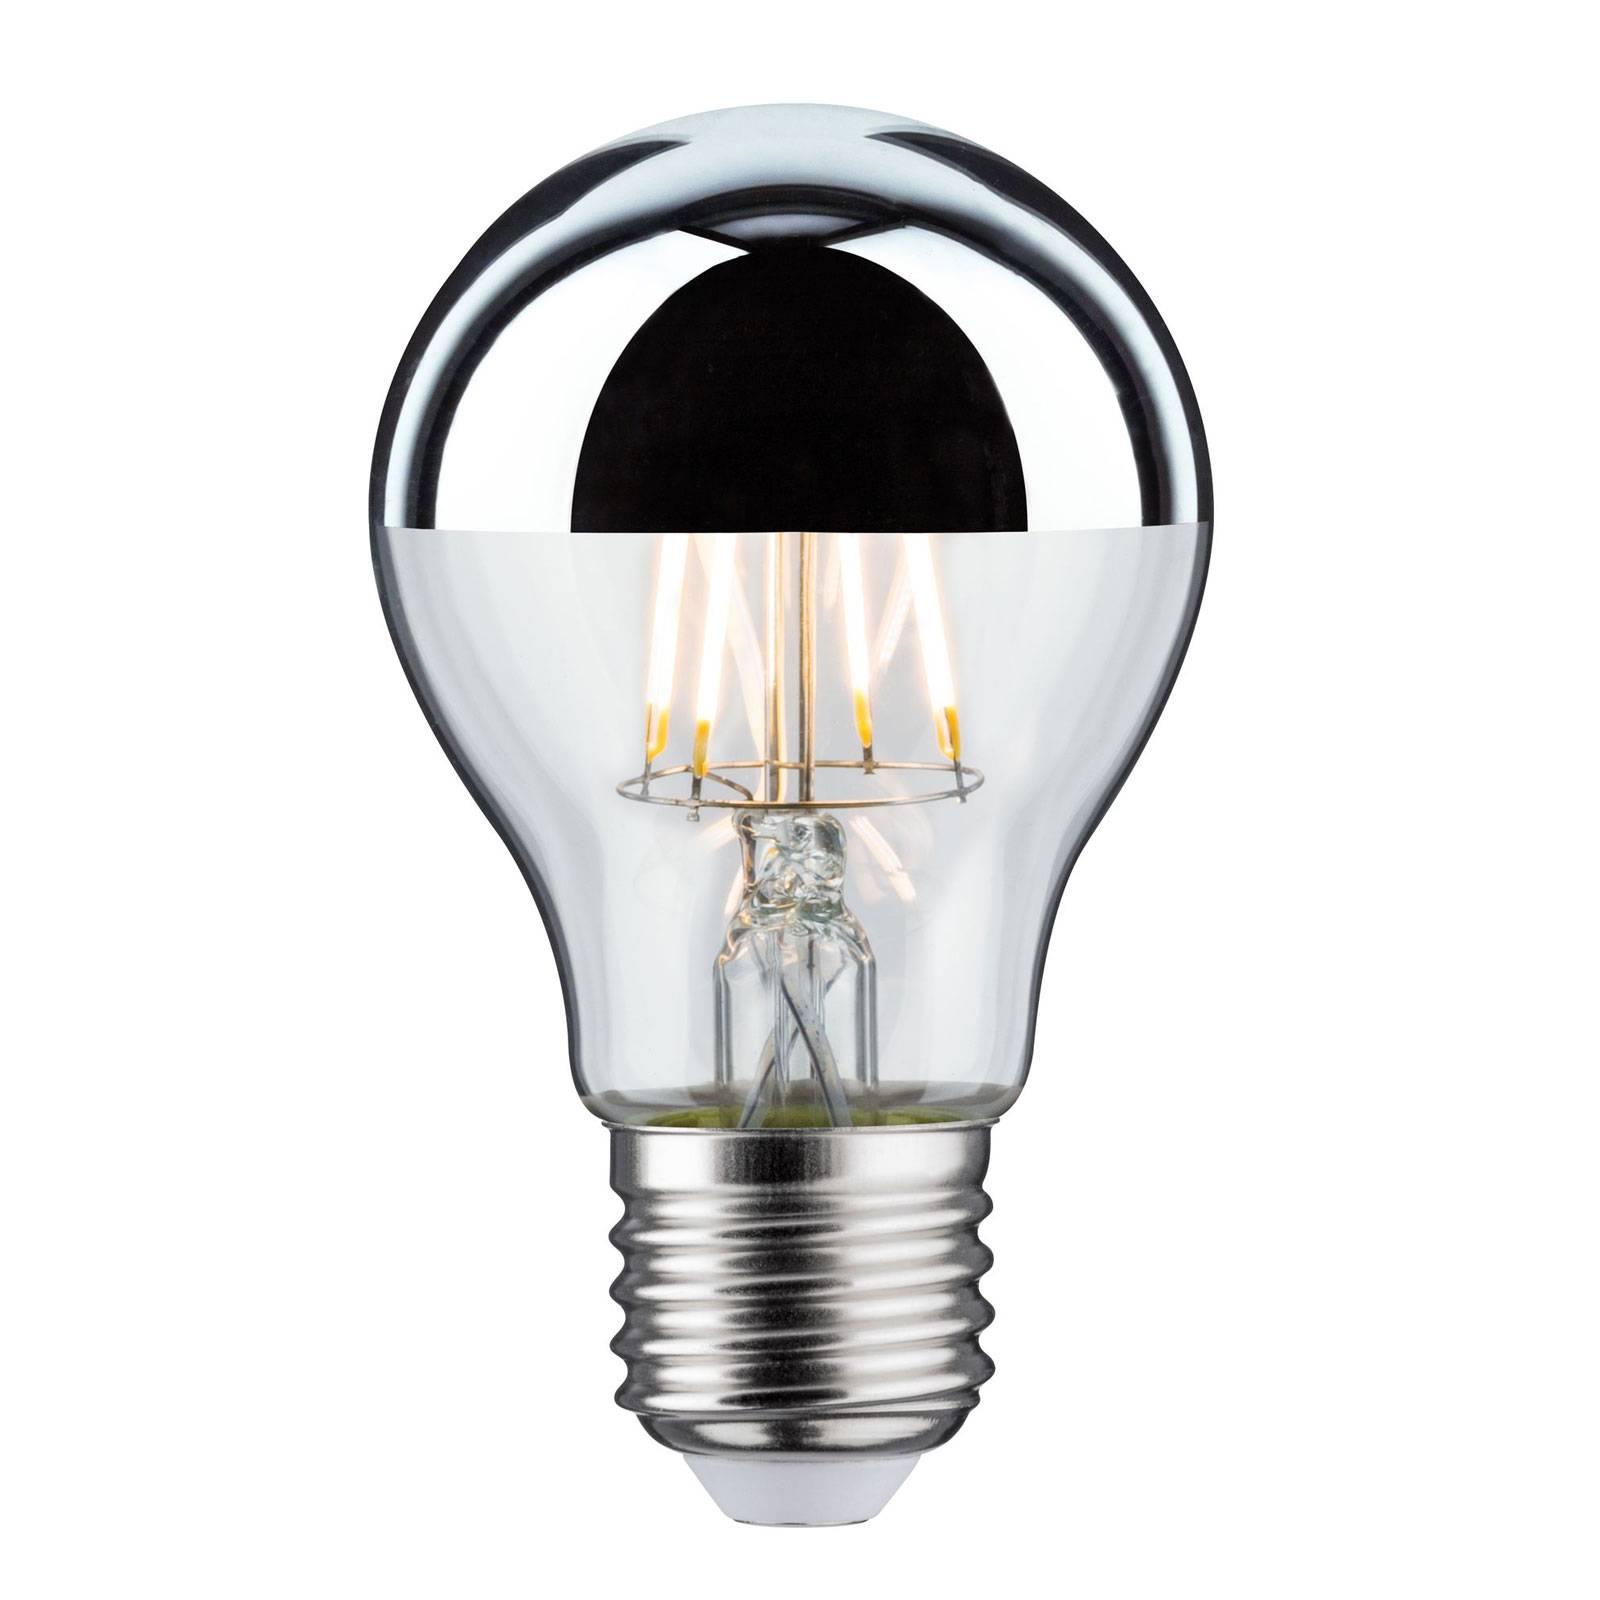 Lampadina LED E27 goccia 827 dicroica 6,5W